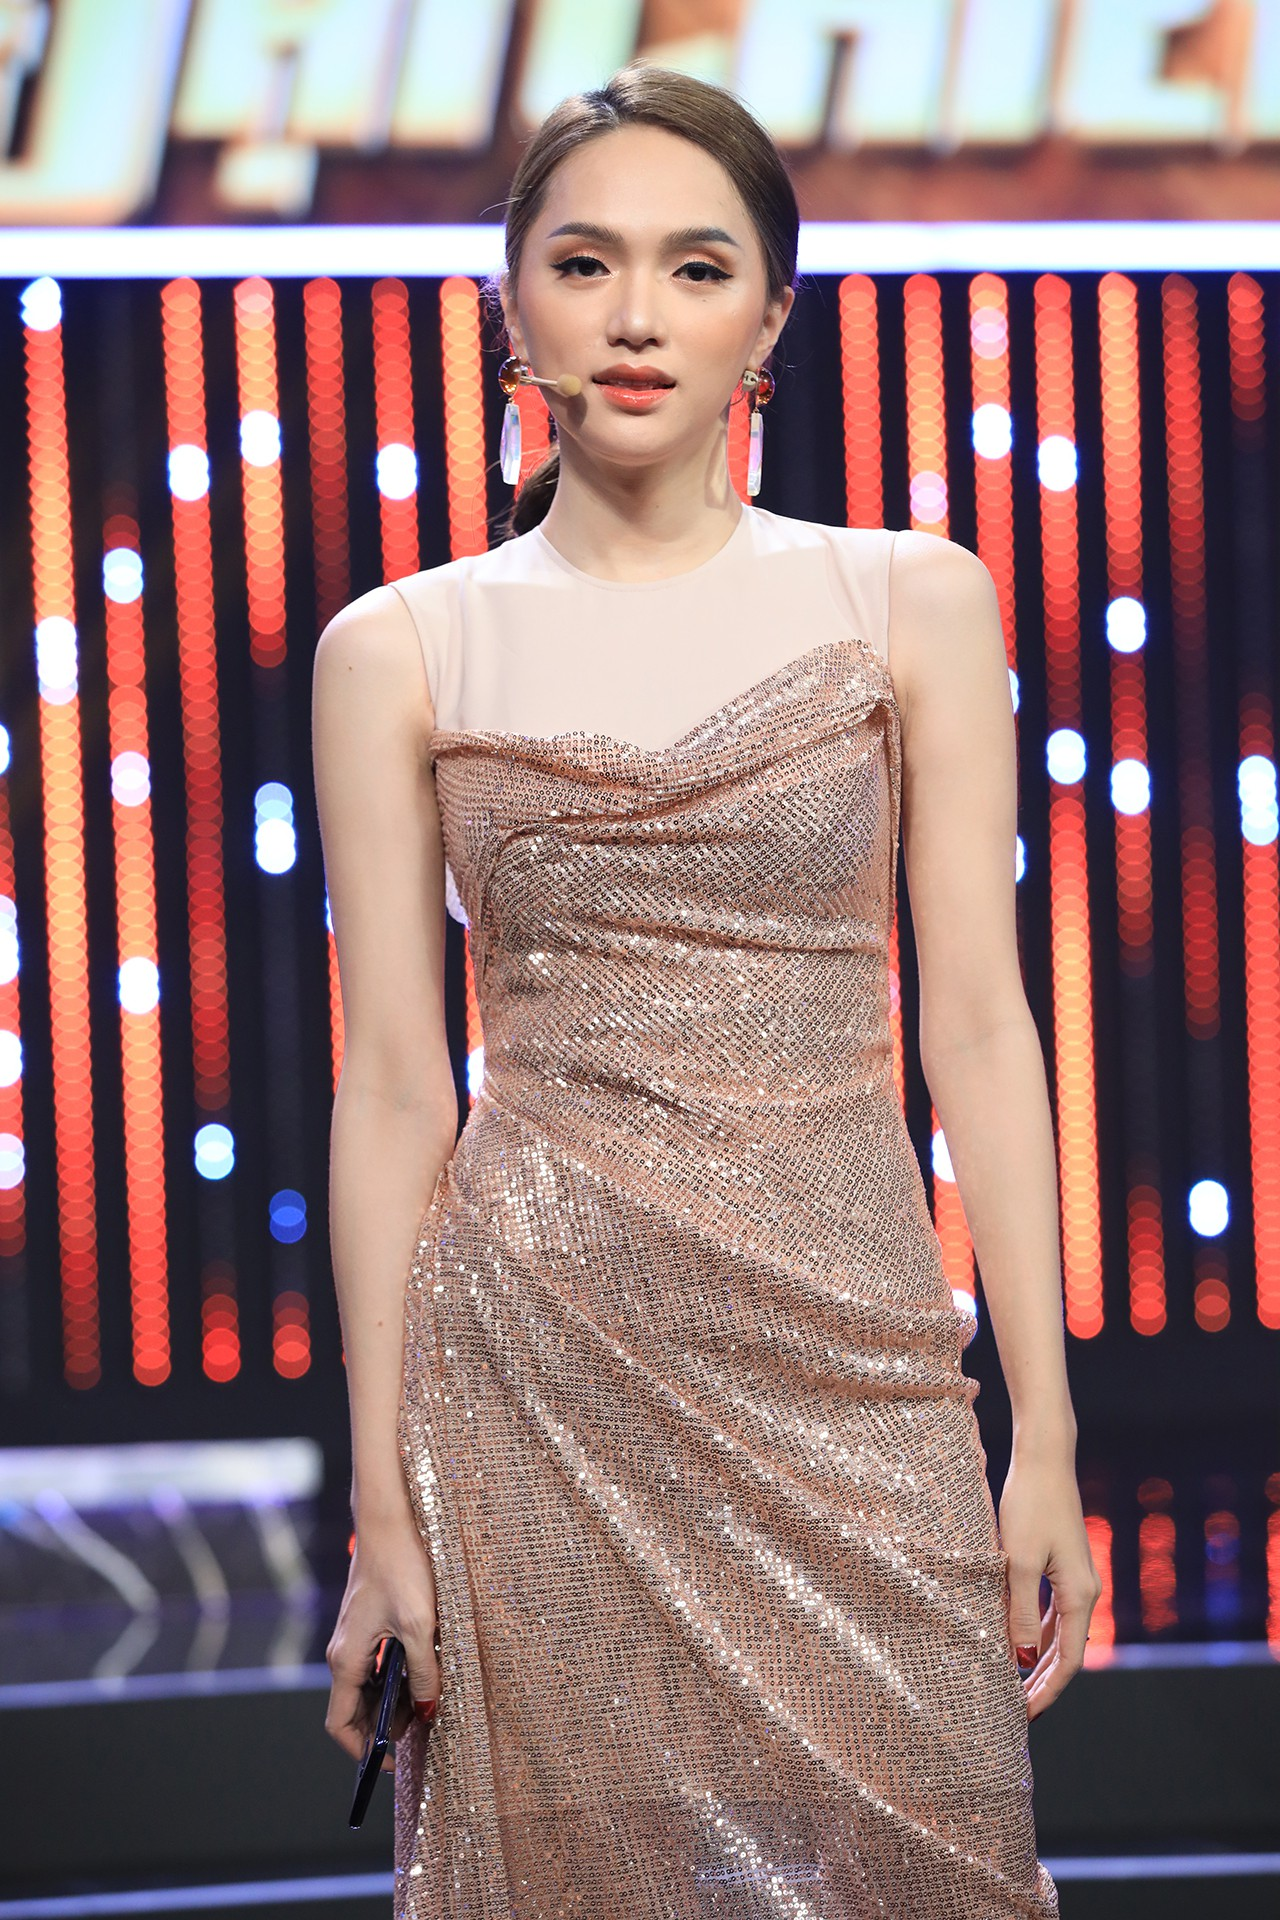 Hoa hậu Hương Giang hốt hoảng khi Lan Ngọc rủ rê trai đẹp về chung nhà chỉ sau 1 lần gặp mặt  - Ảnh 10.